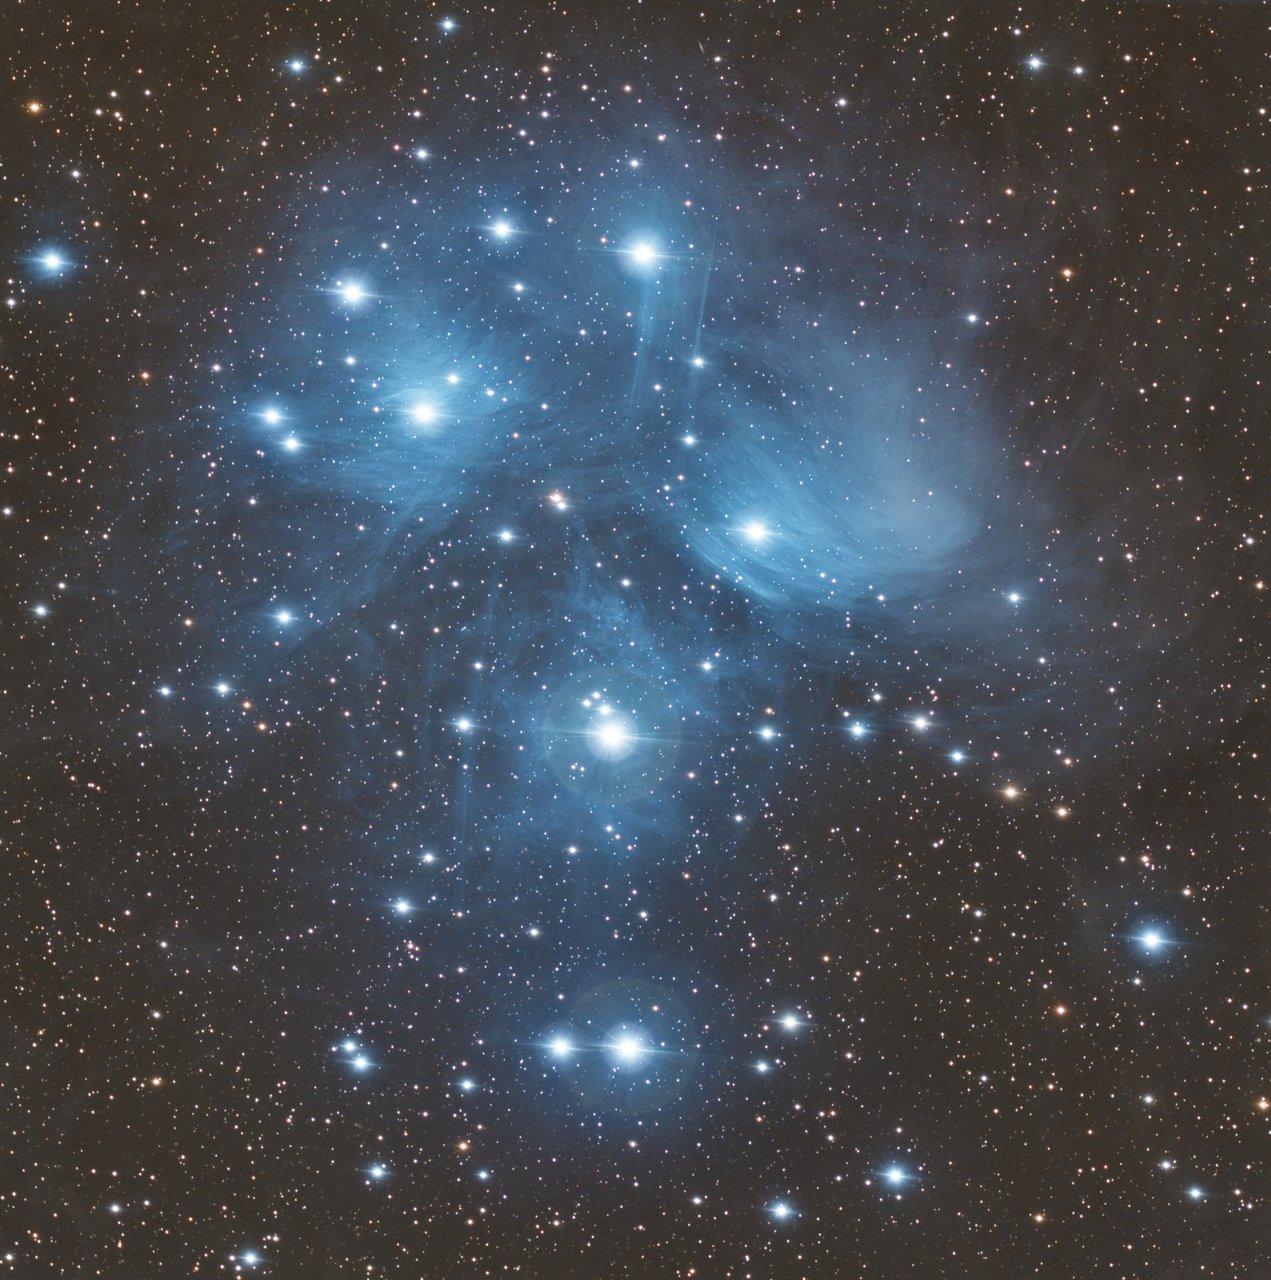 M45 - The Pleiades | Author sektor | PHOTO FORUM